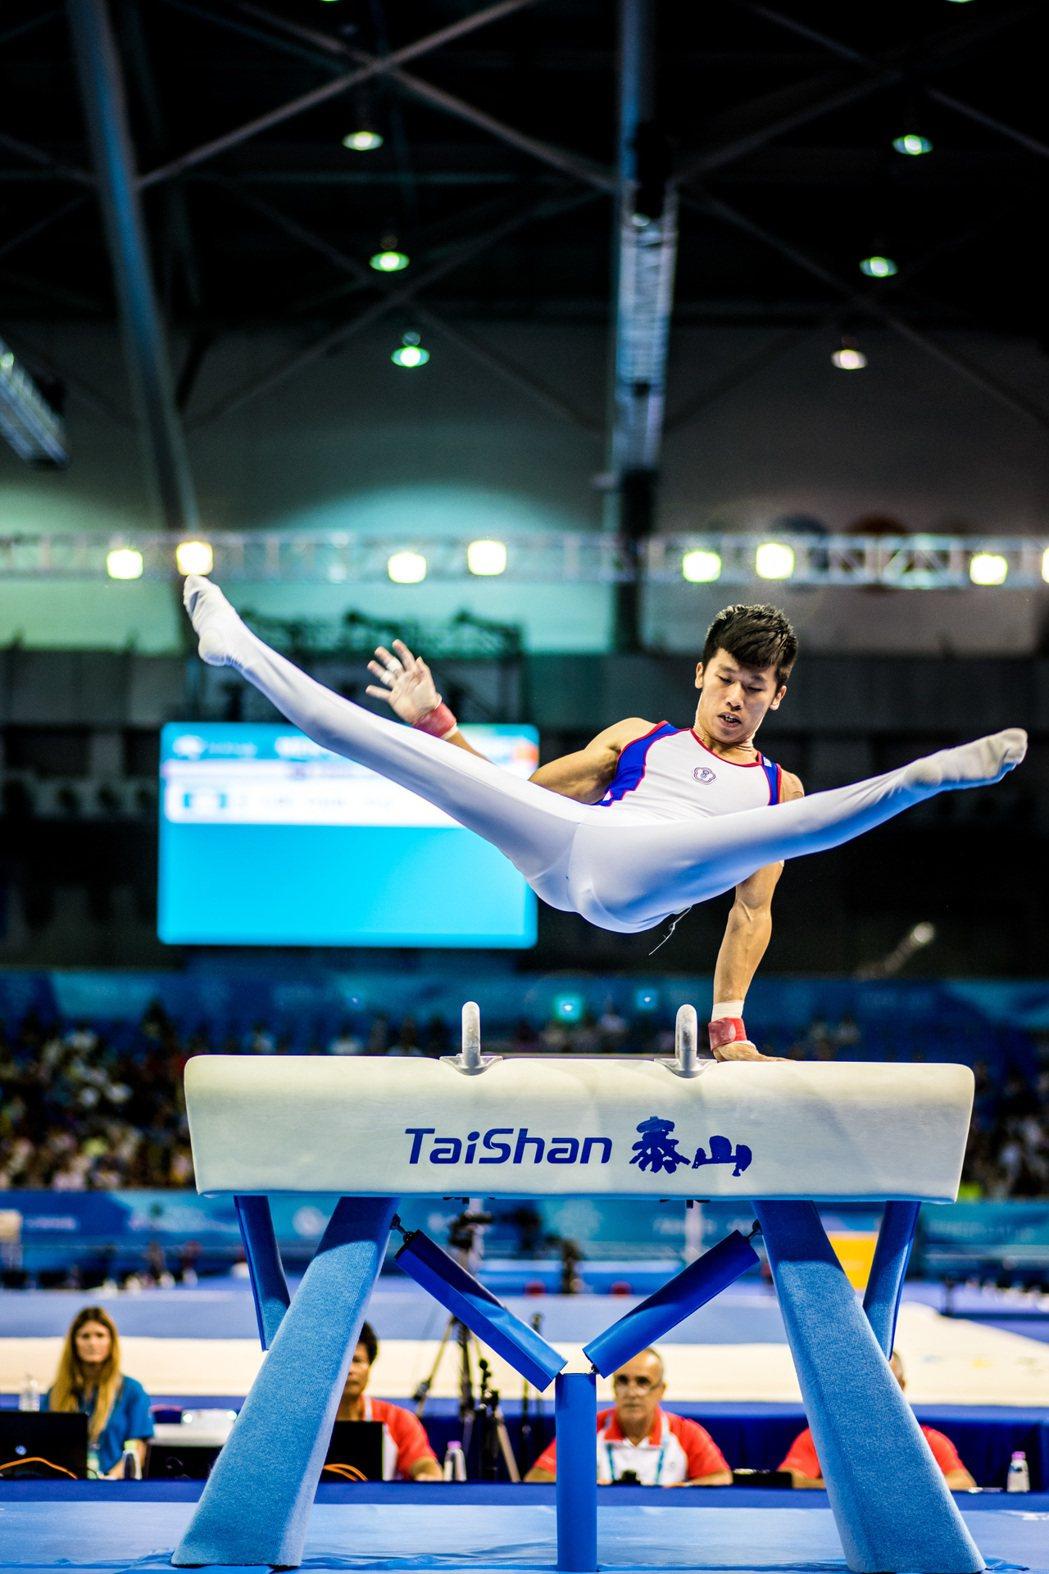 世大運男子競技體操,個人單項決賽鞍馬項目,中華台北選手李智凱以15.300,拿下...